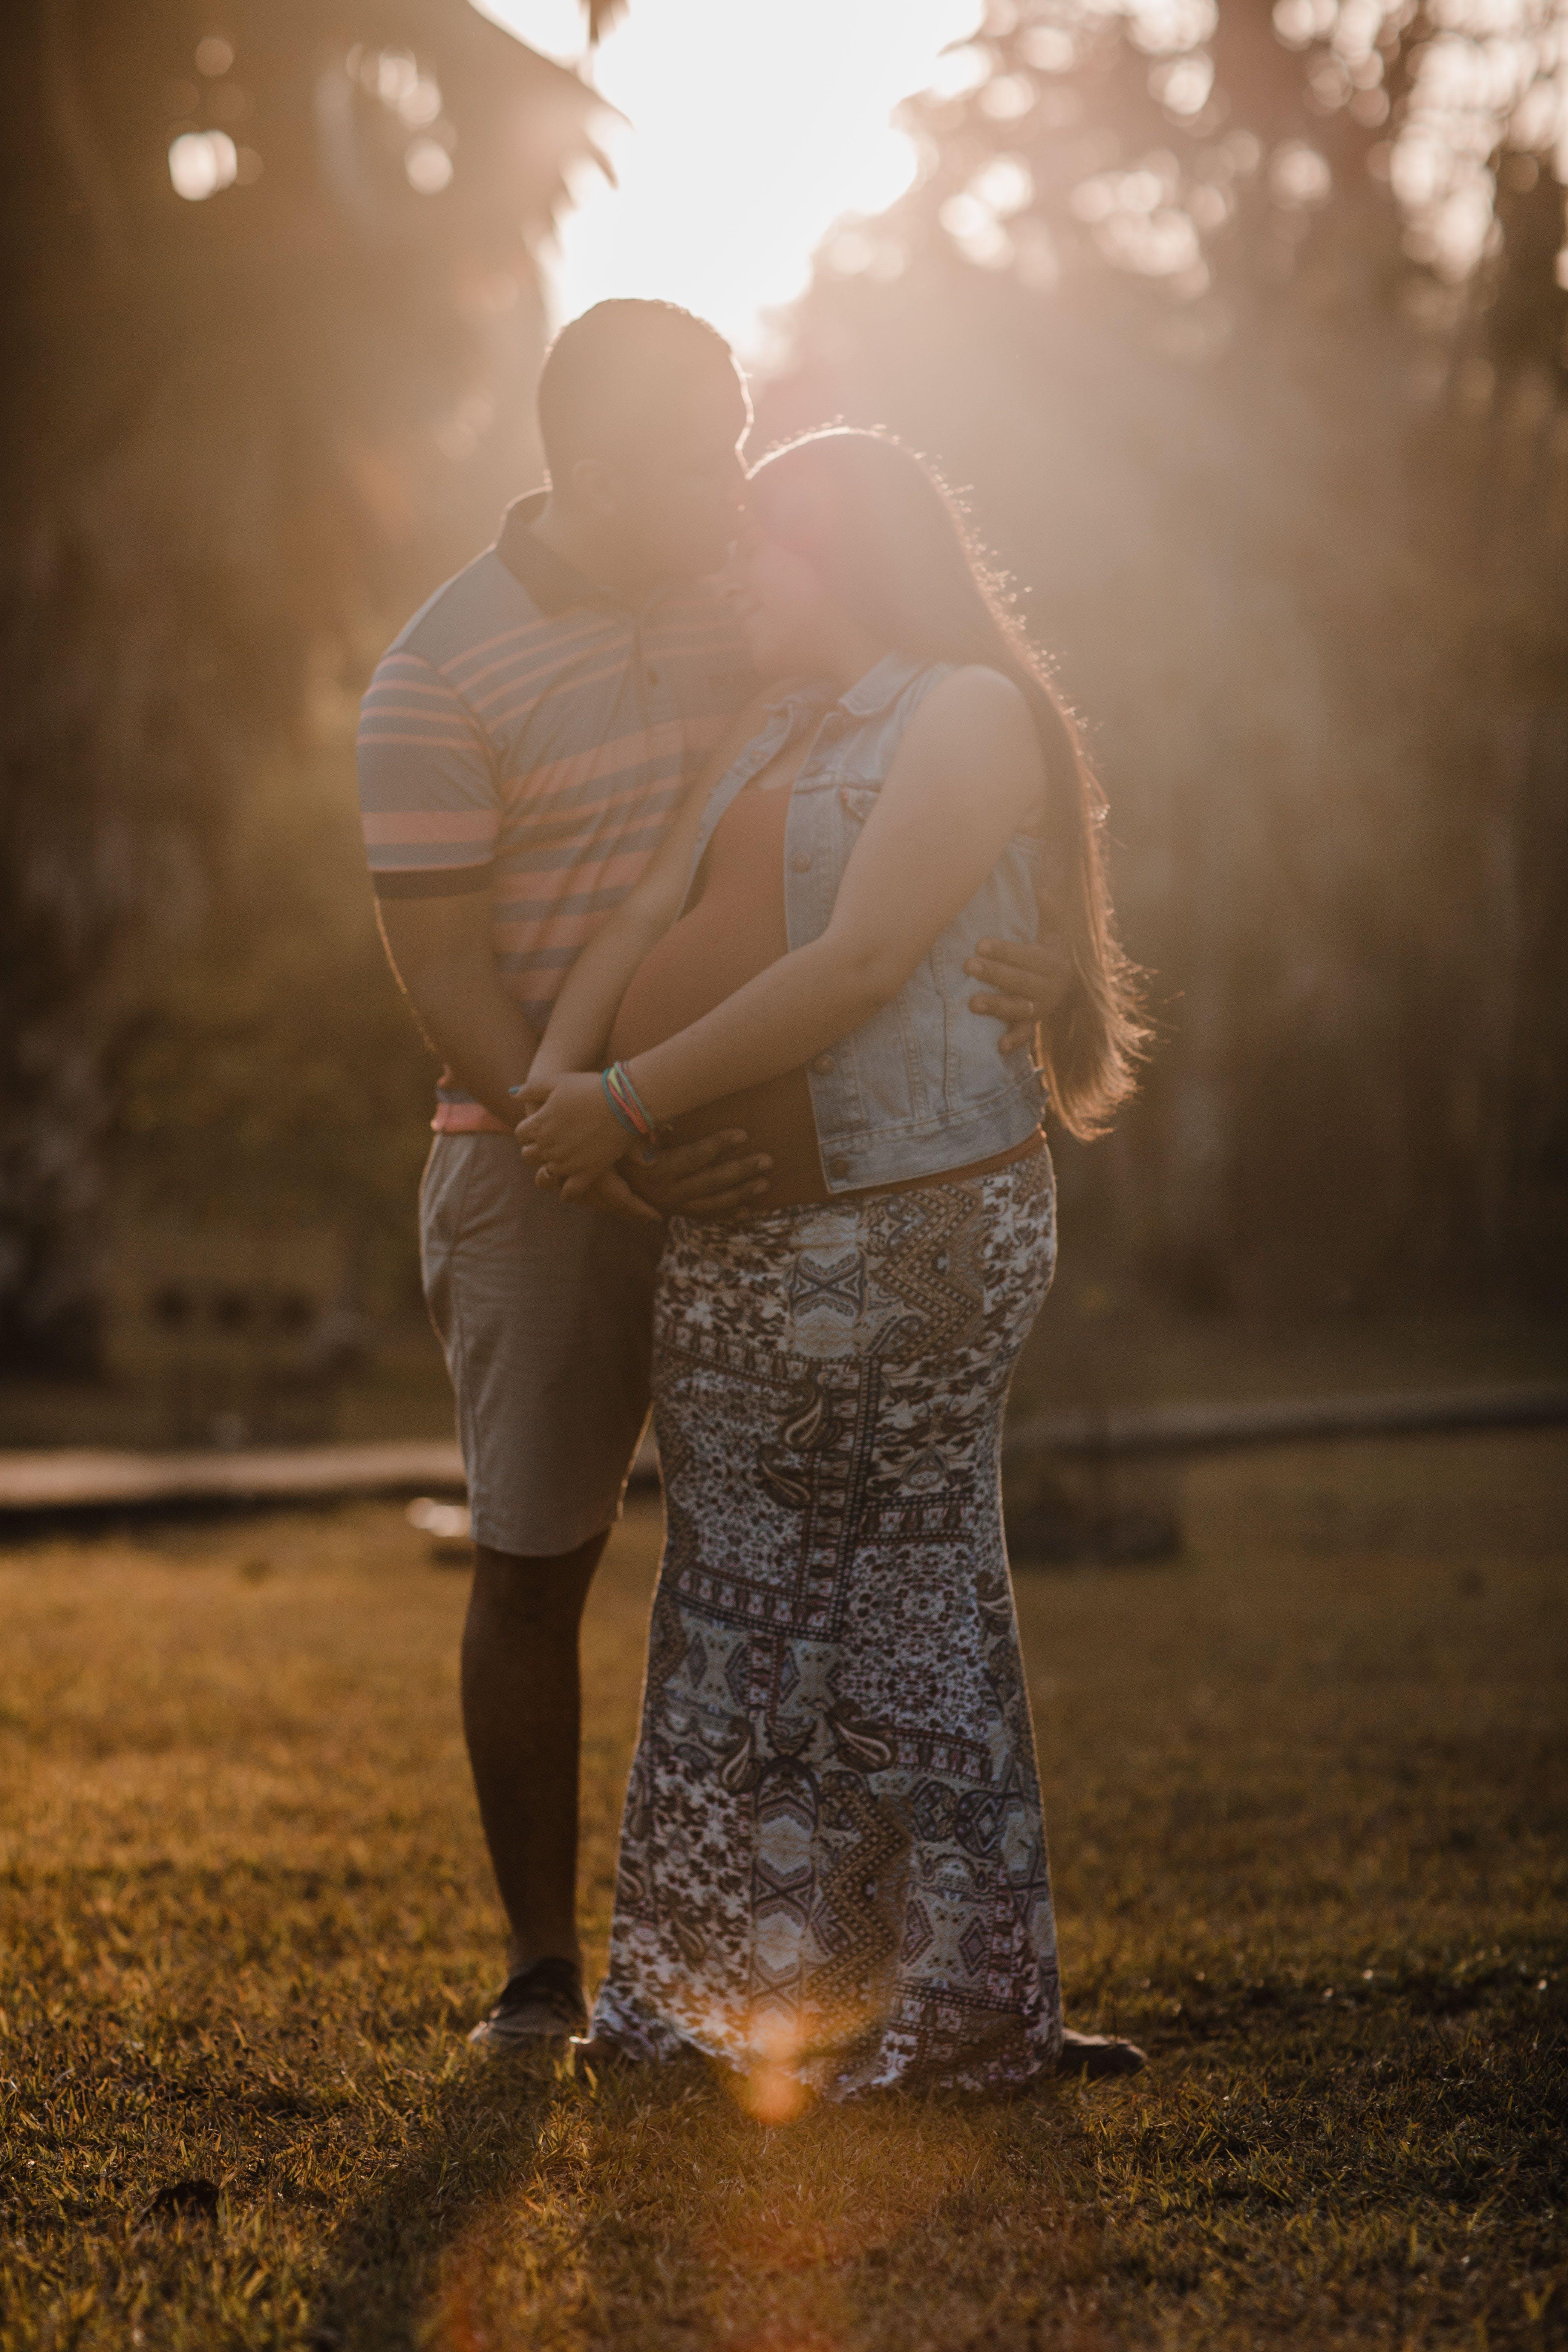 Δωρεάν στοκ φωτογραφιών με αγάπη, άνδρας, Άνθρωποι, βρέφος